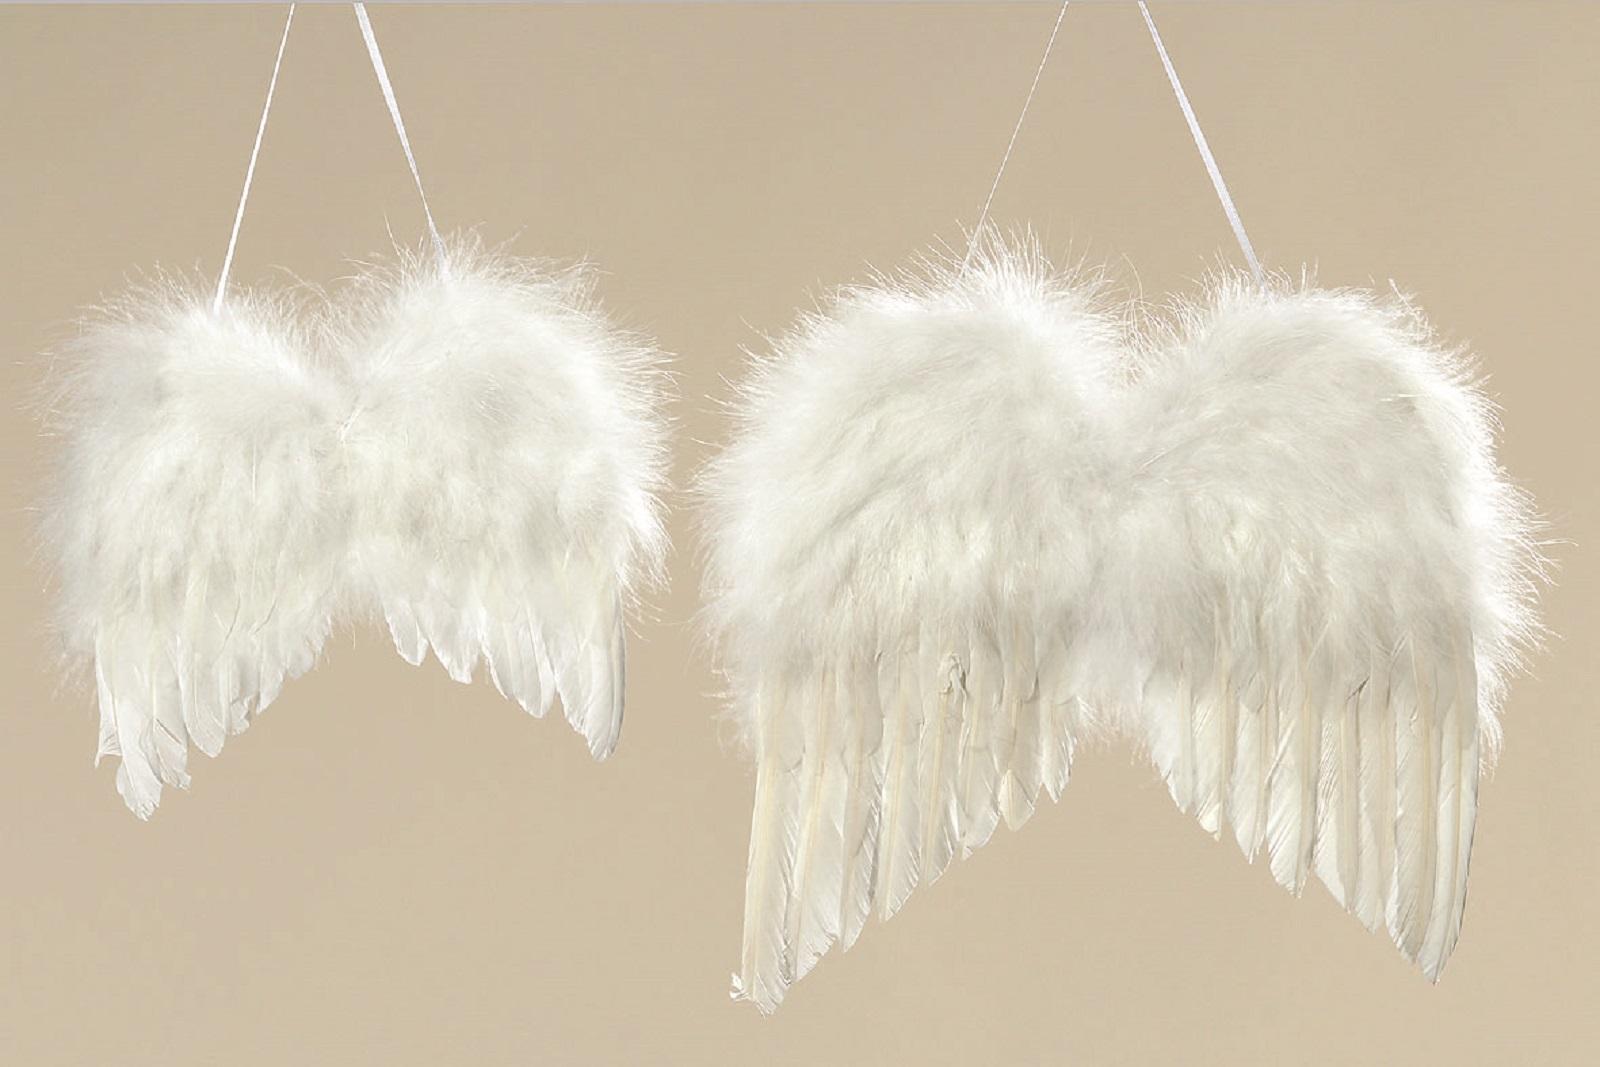 Hänger Flügel Deko Engelsflügel Weihnachten Federn weiß 2er Set